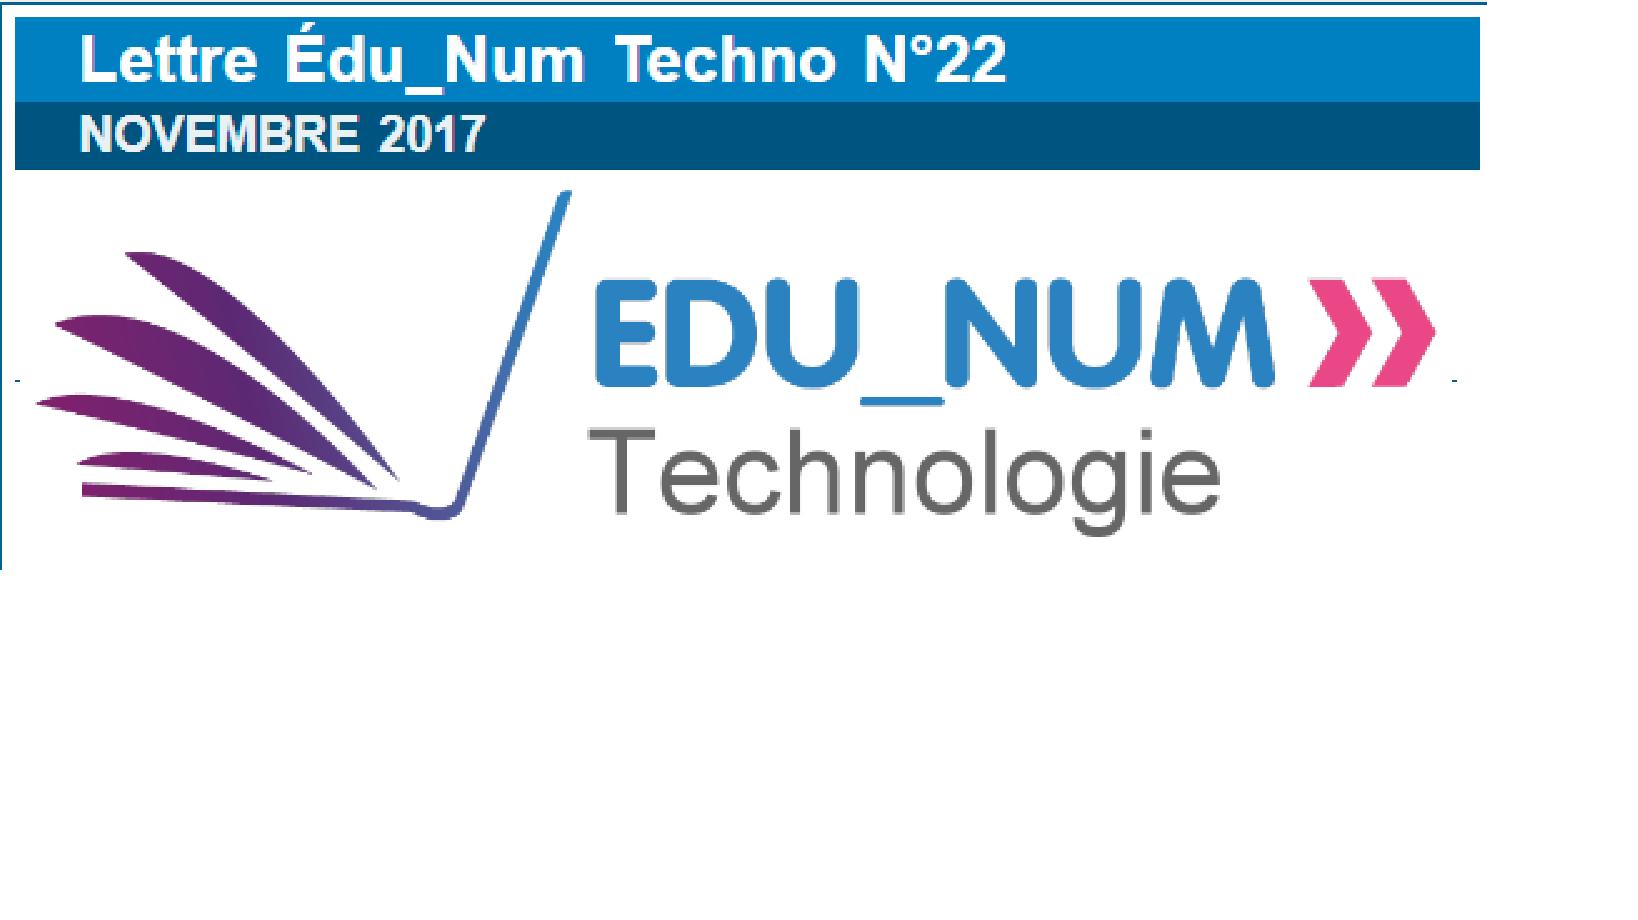 La lettre Edu_Num Technologie N°22